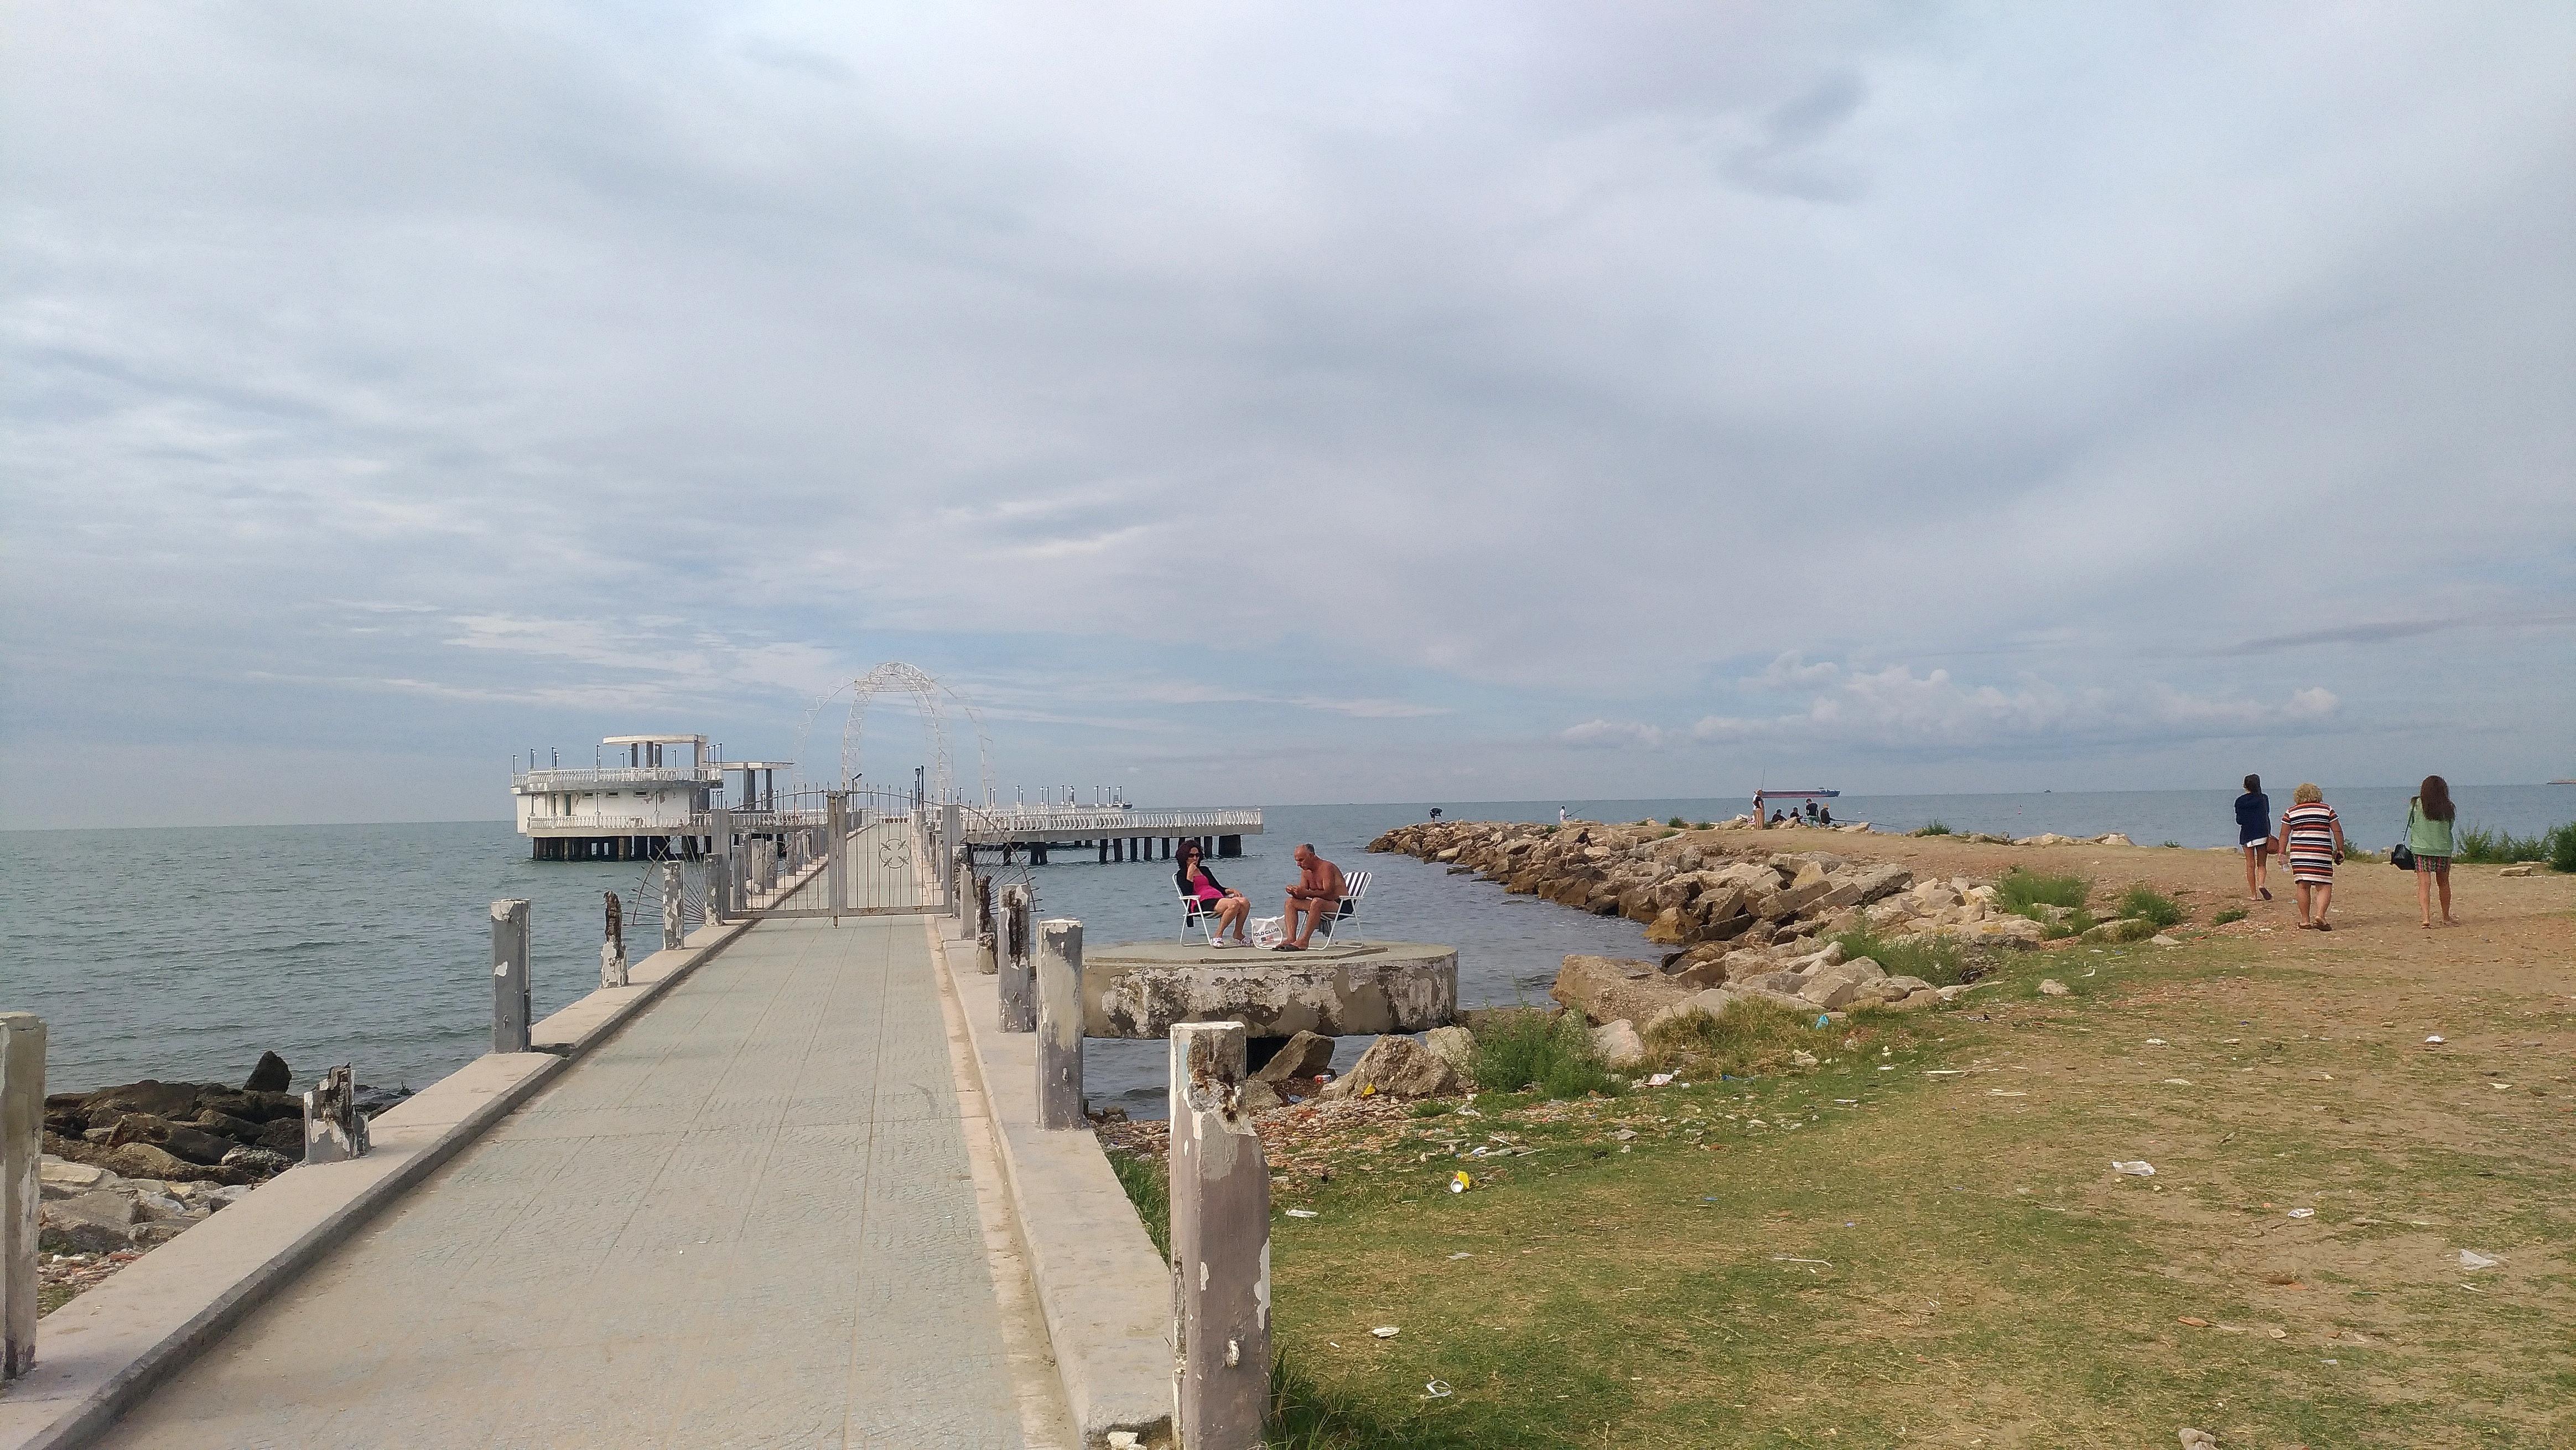 Spiaggia - Cosa vedere a Durazzo